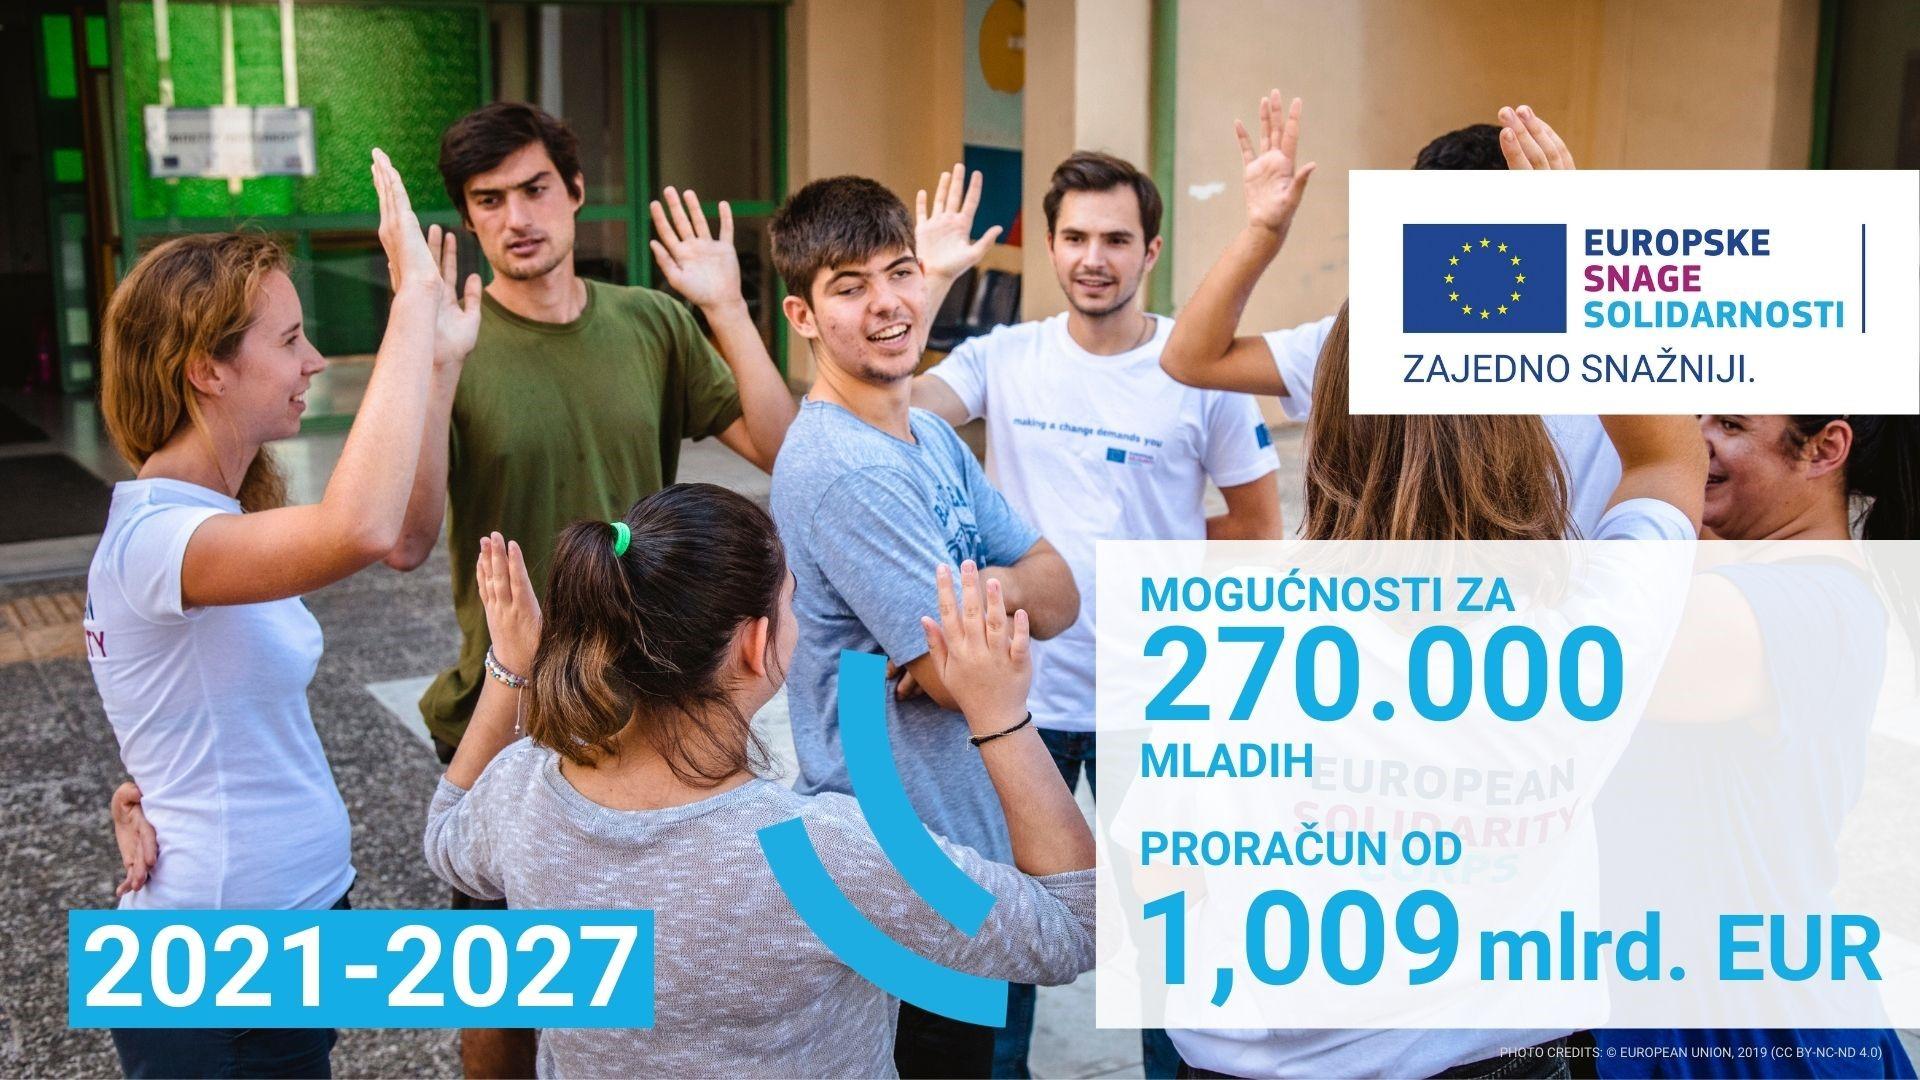 Infografika o proračunu novog programa Europske snage solidarnosti